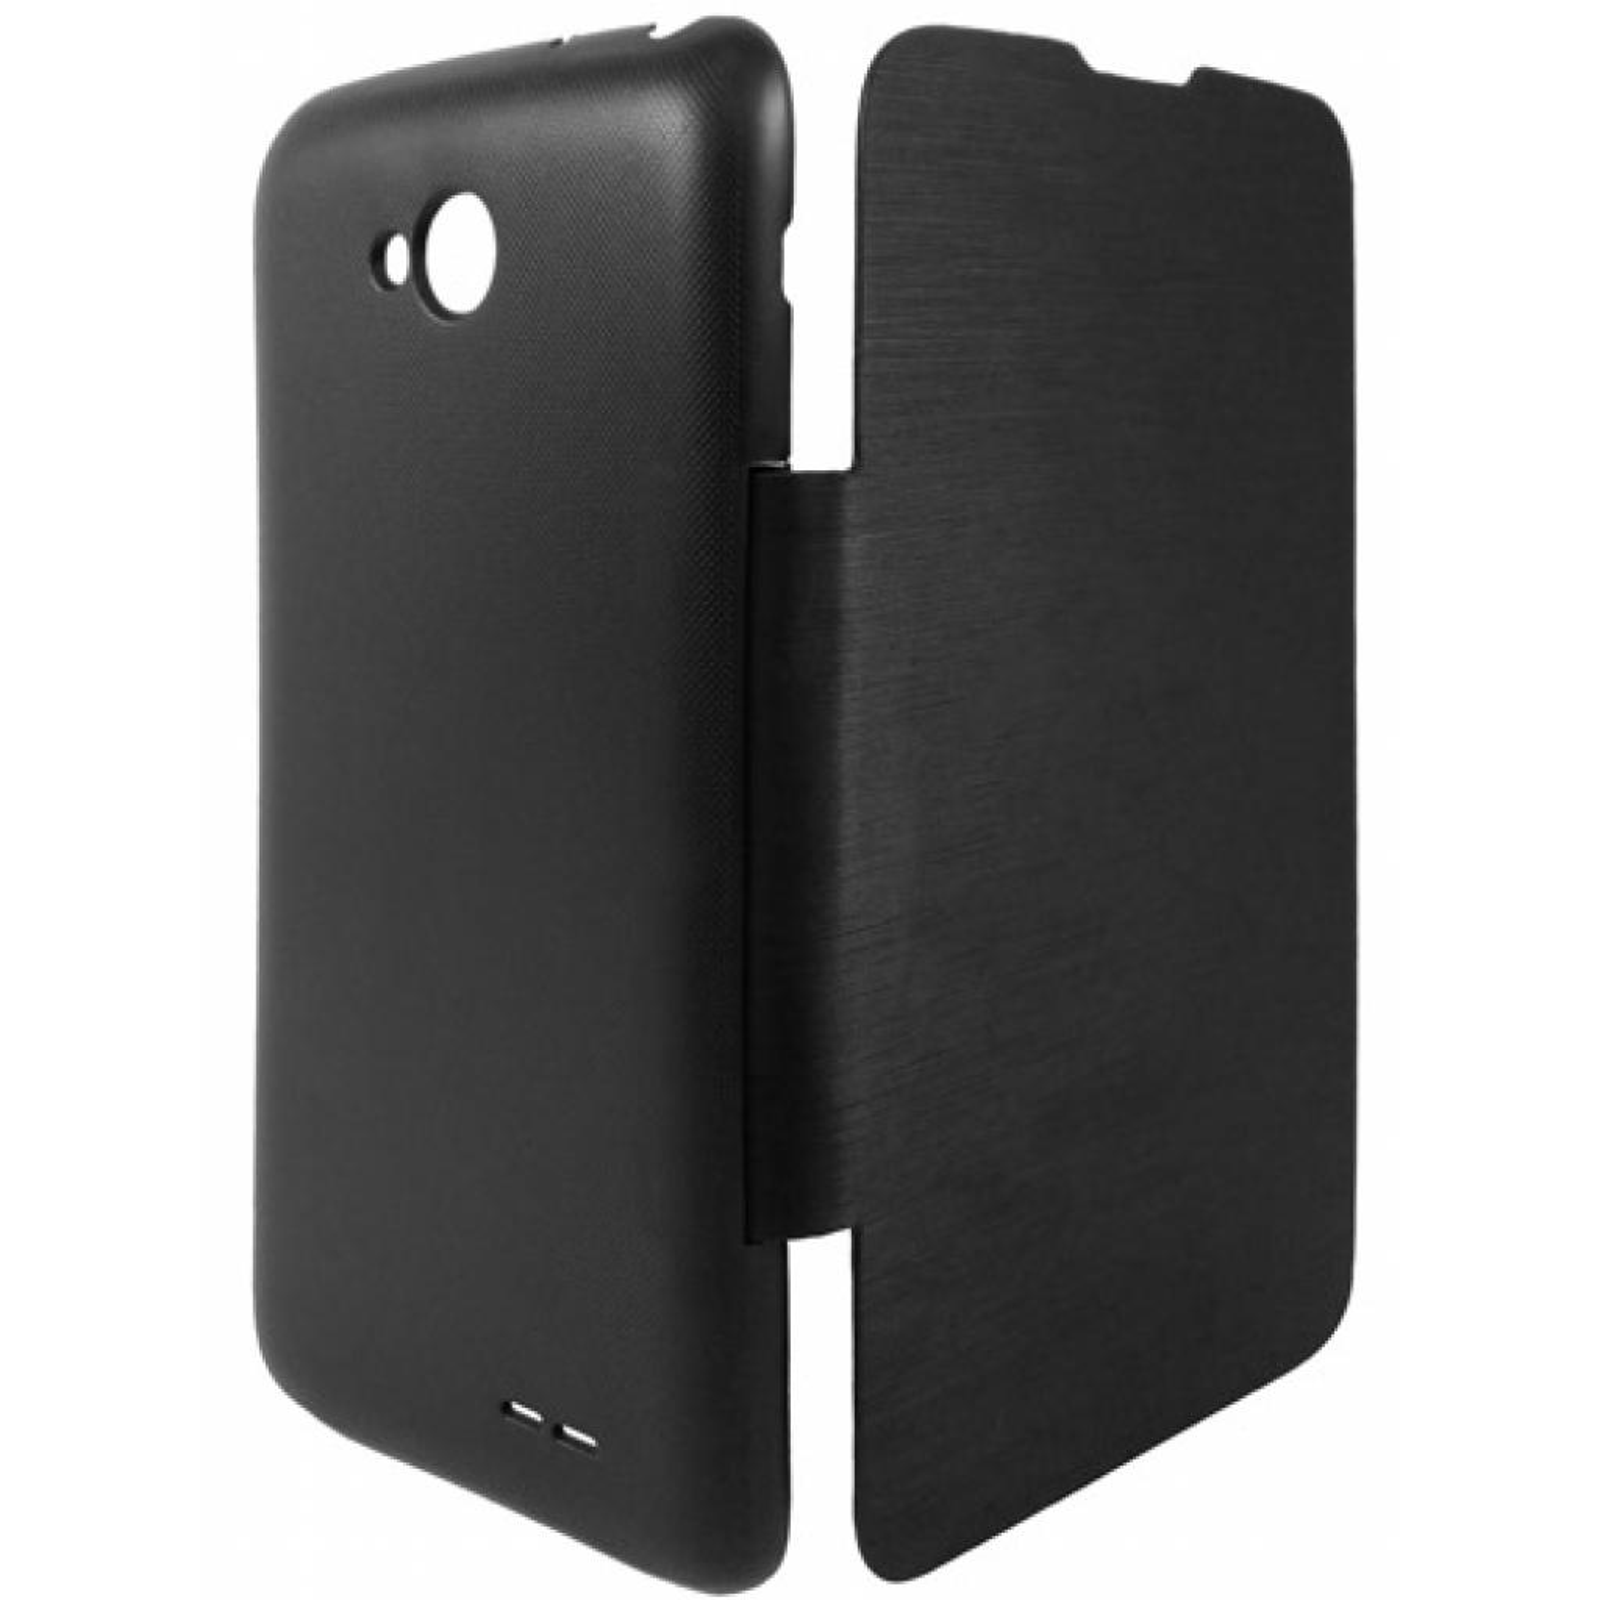 Чехол для моб. телефона GLOBAL для LG D320 L70 (PU, черный) (1283126459856) изображение 2